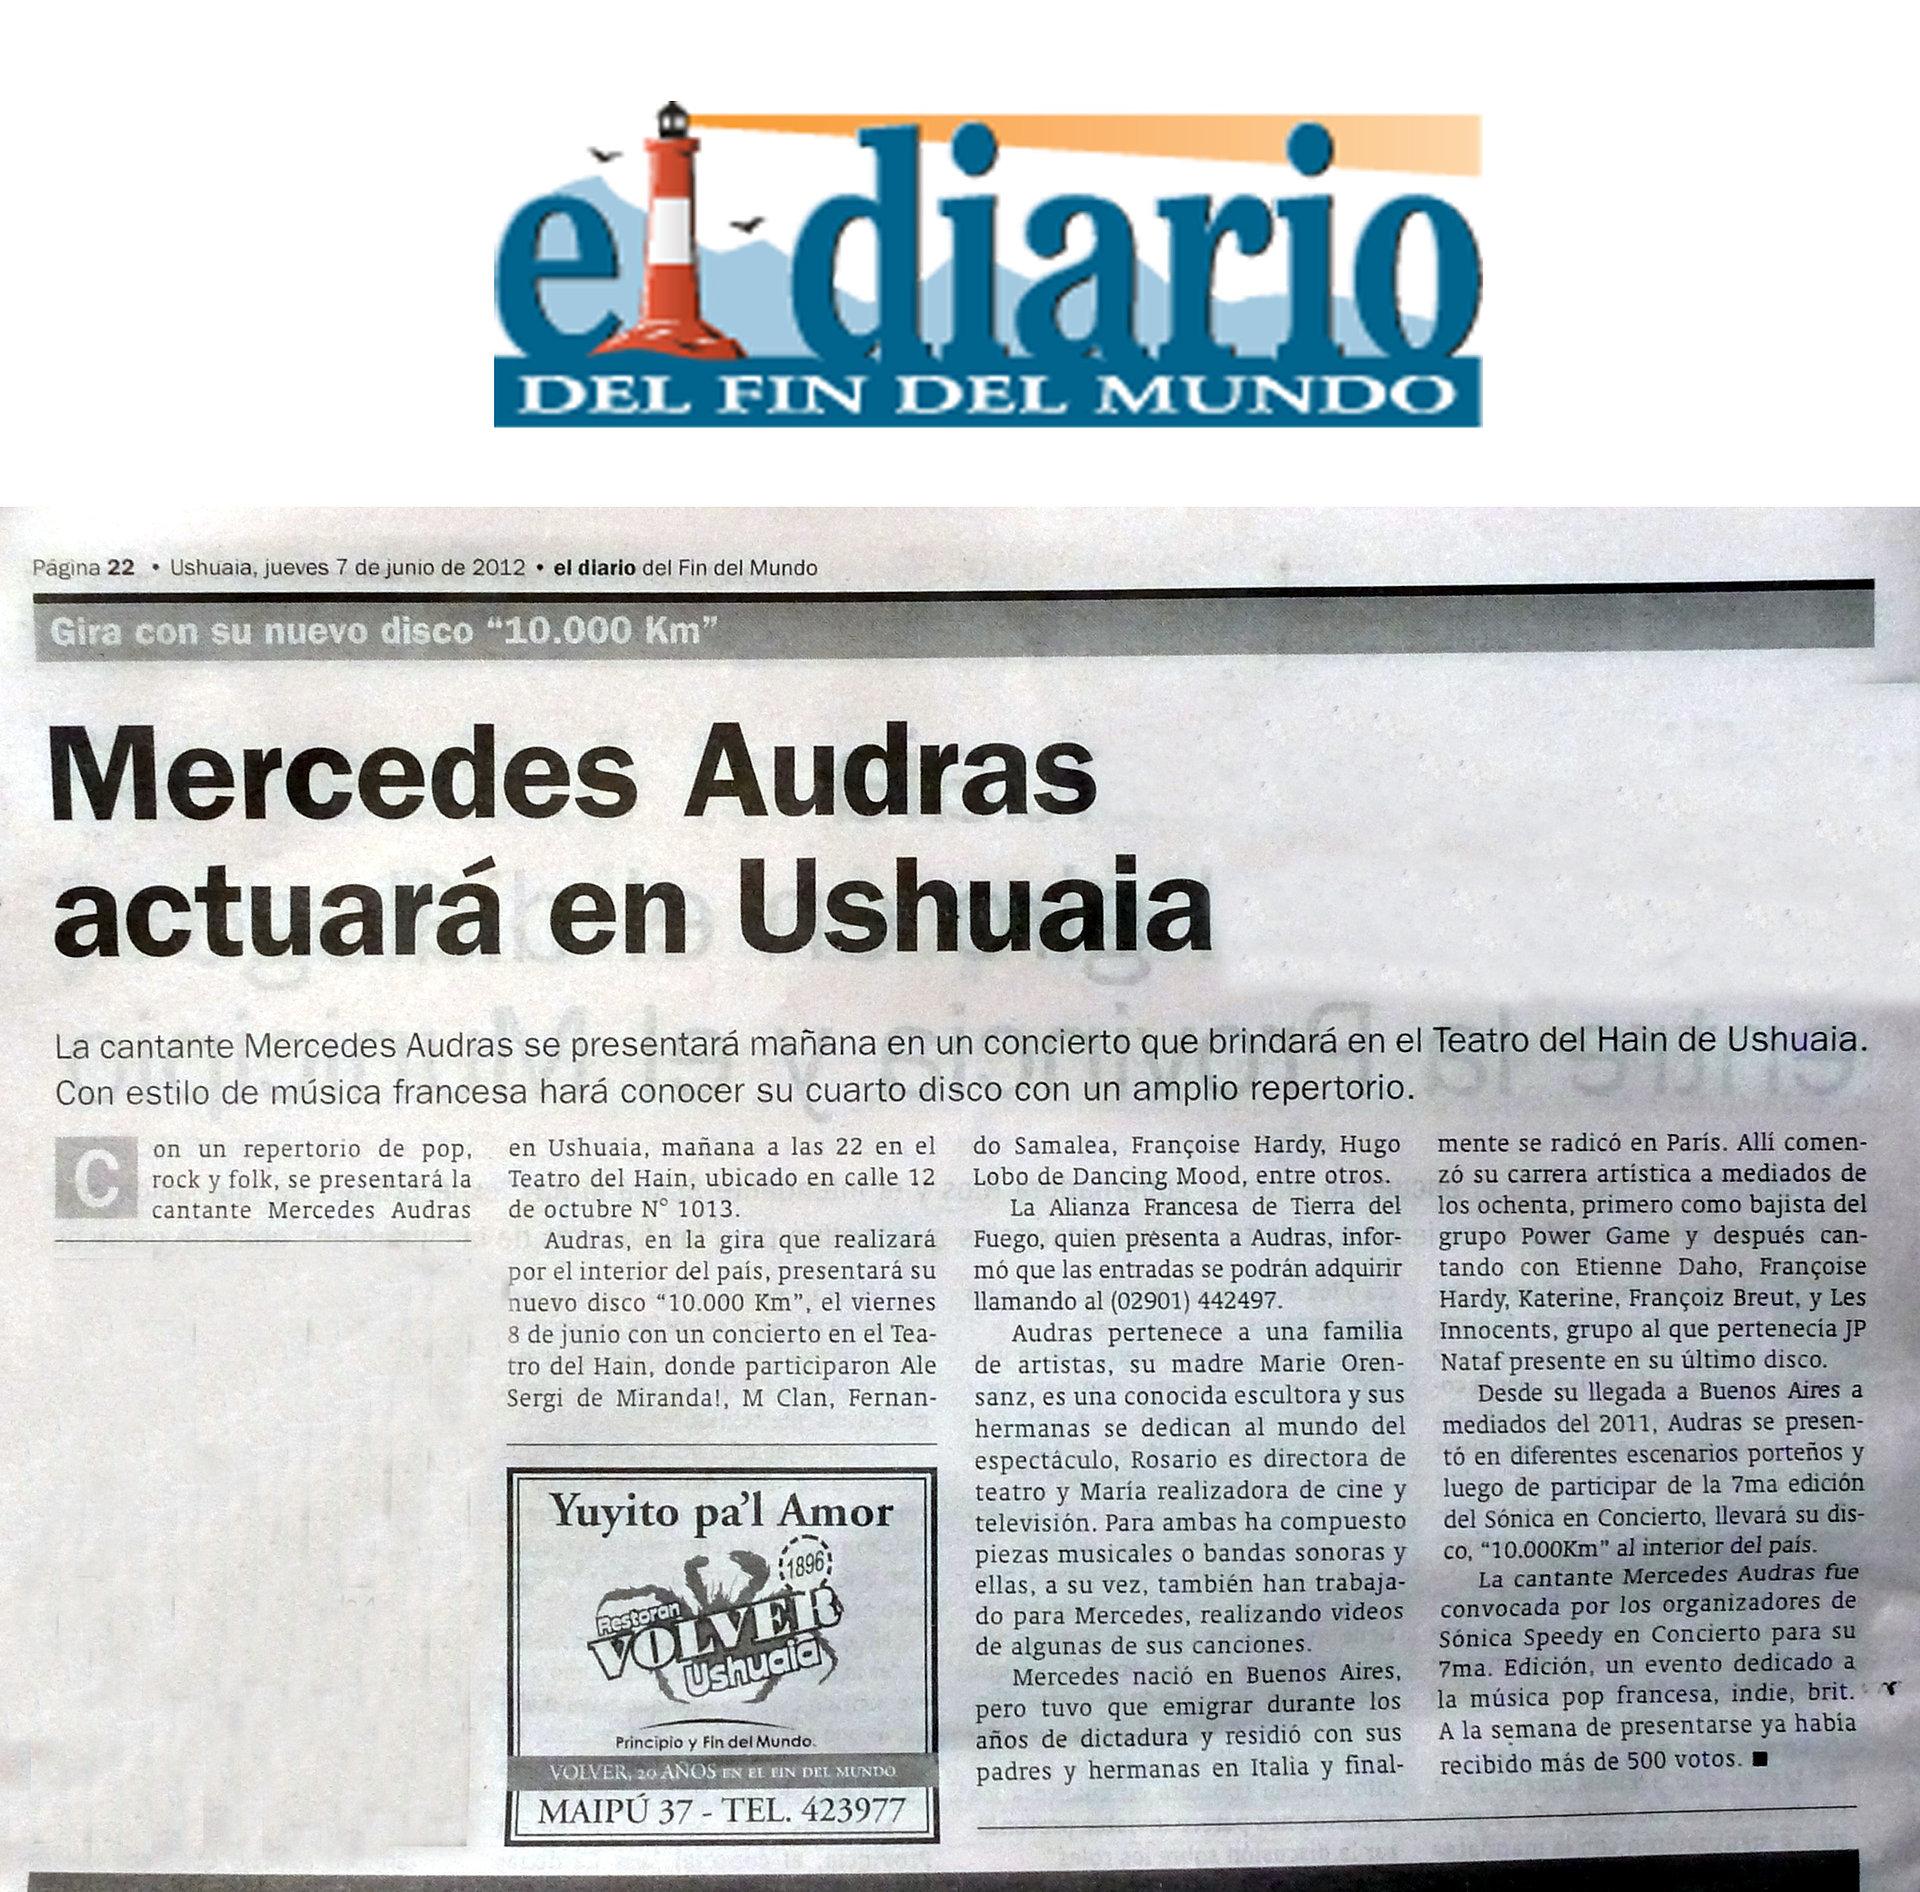 El+Diario+Del+Fin+Del+Mundo